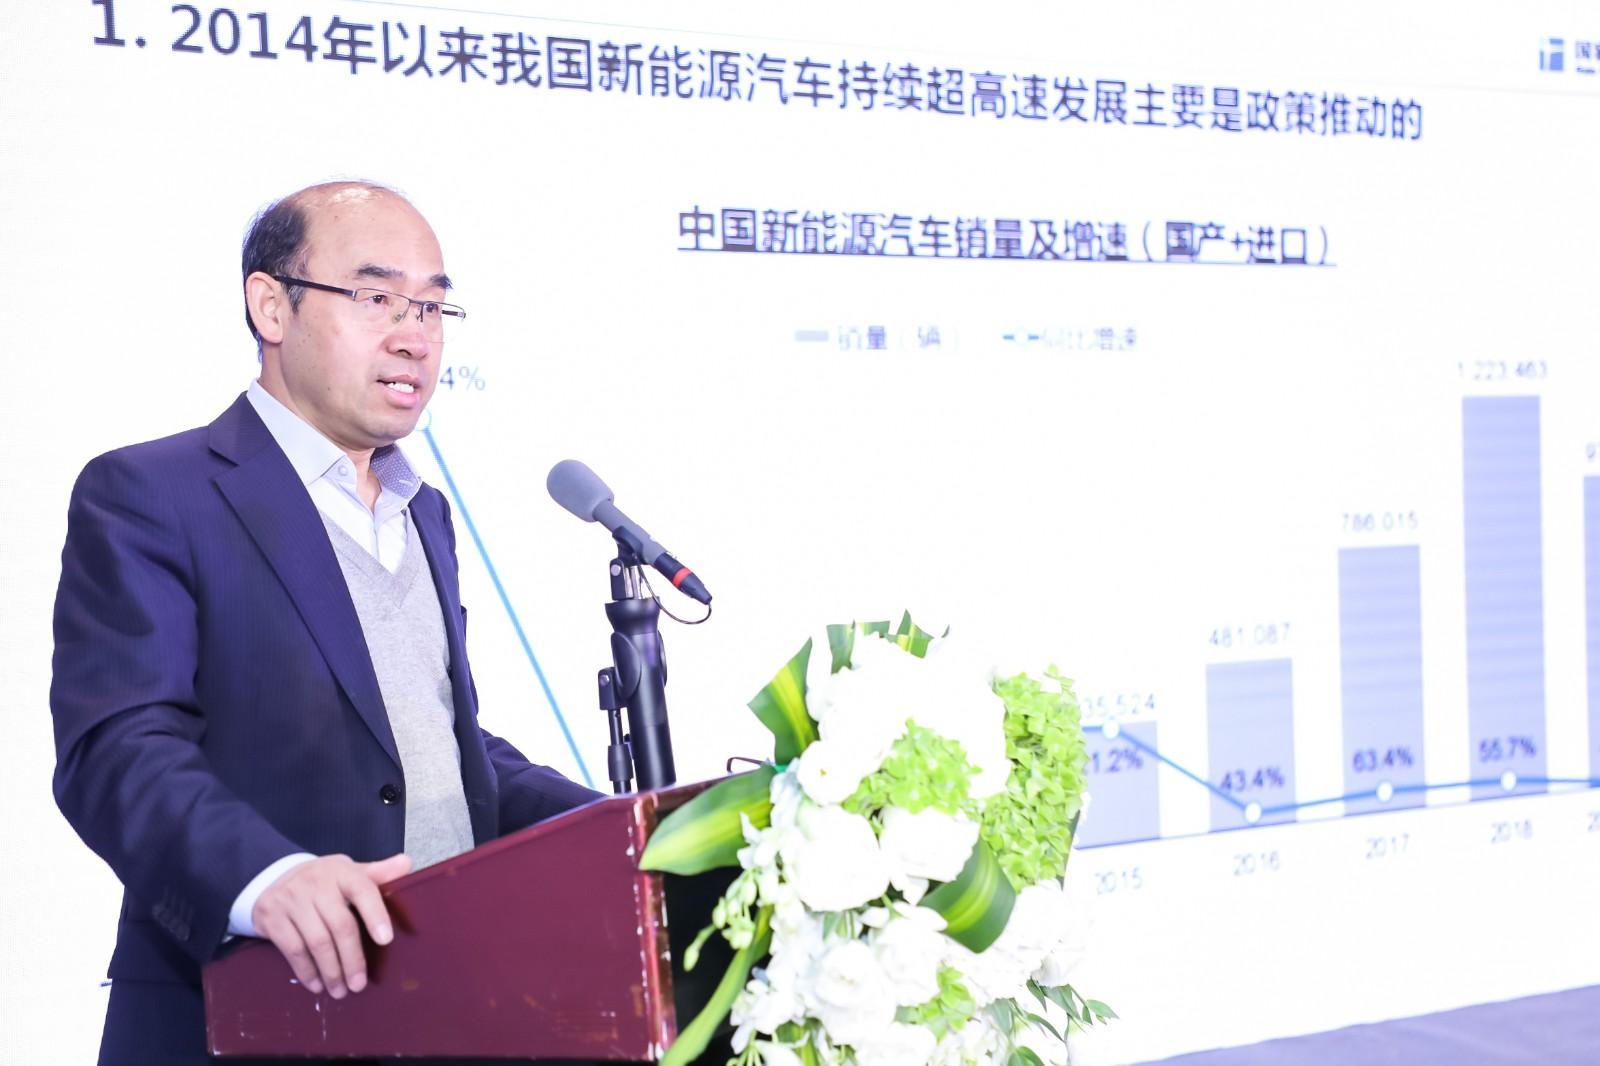 国家信息中心副主任、高级经济师 徐长明